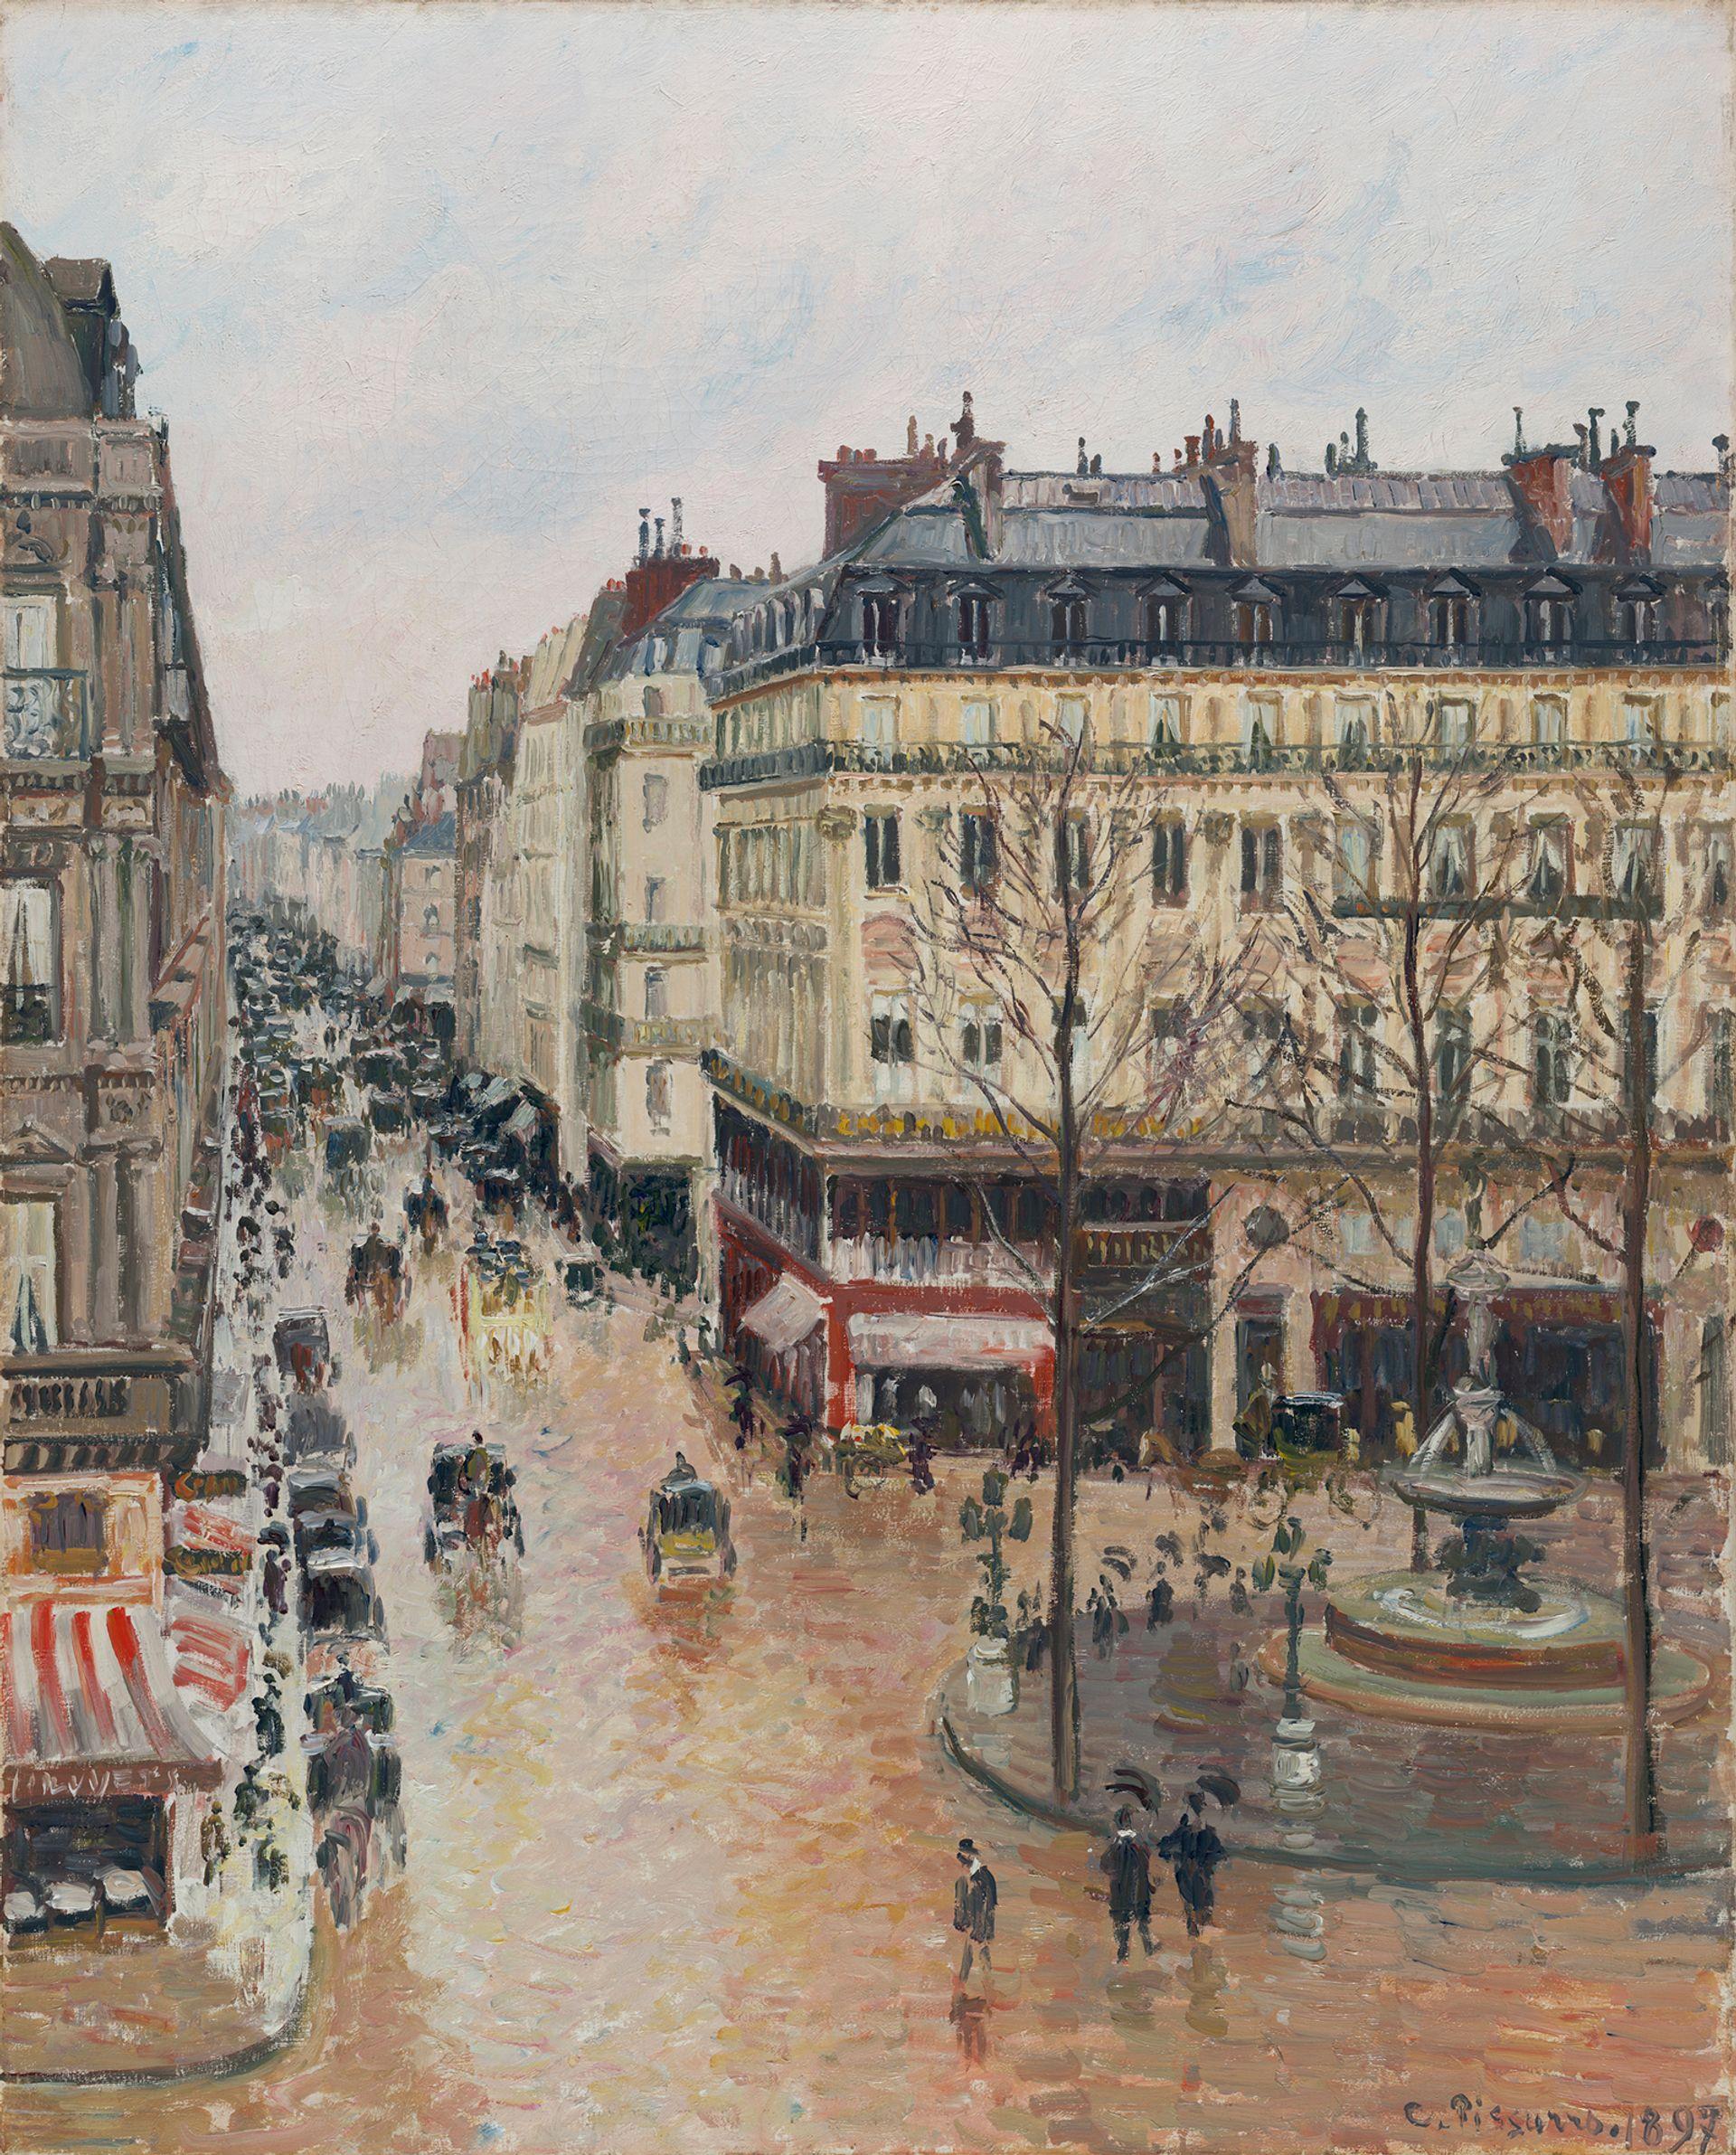 Pissarro's Rue St. Honoré, Après Midi, Effet de Pluie (1897) Thyssen-Bornemisza Museo Nacional